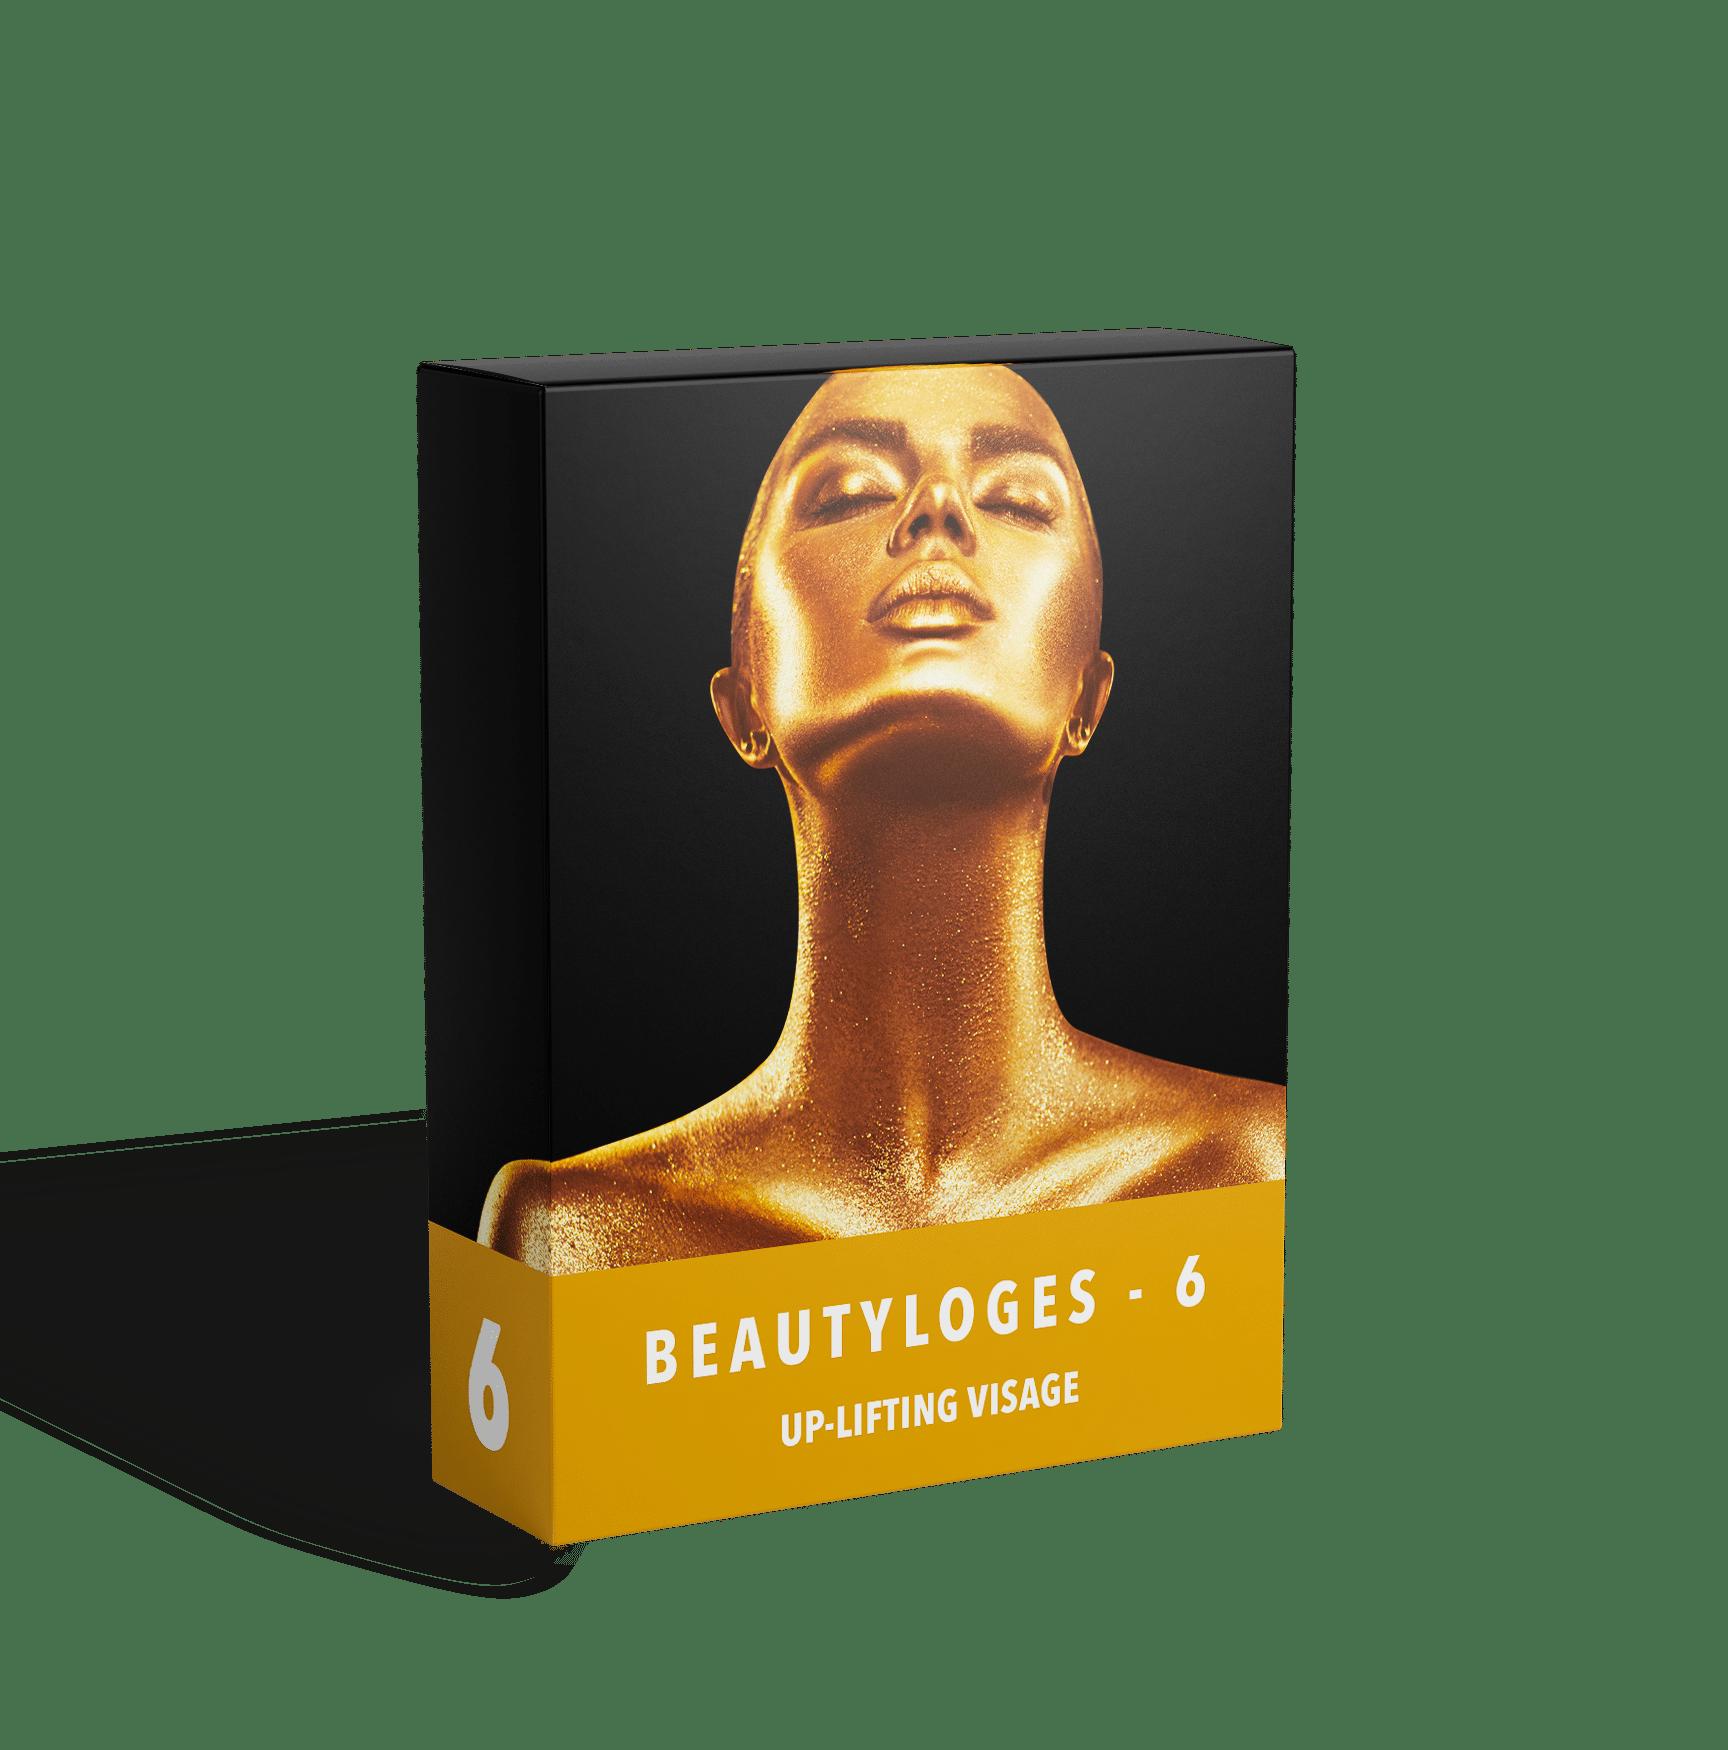 Beautyloges 6 box